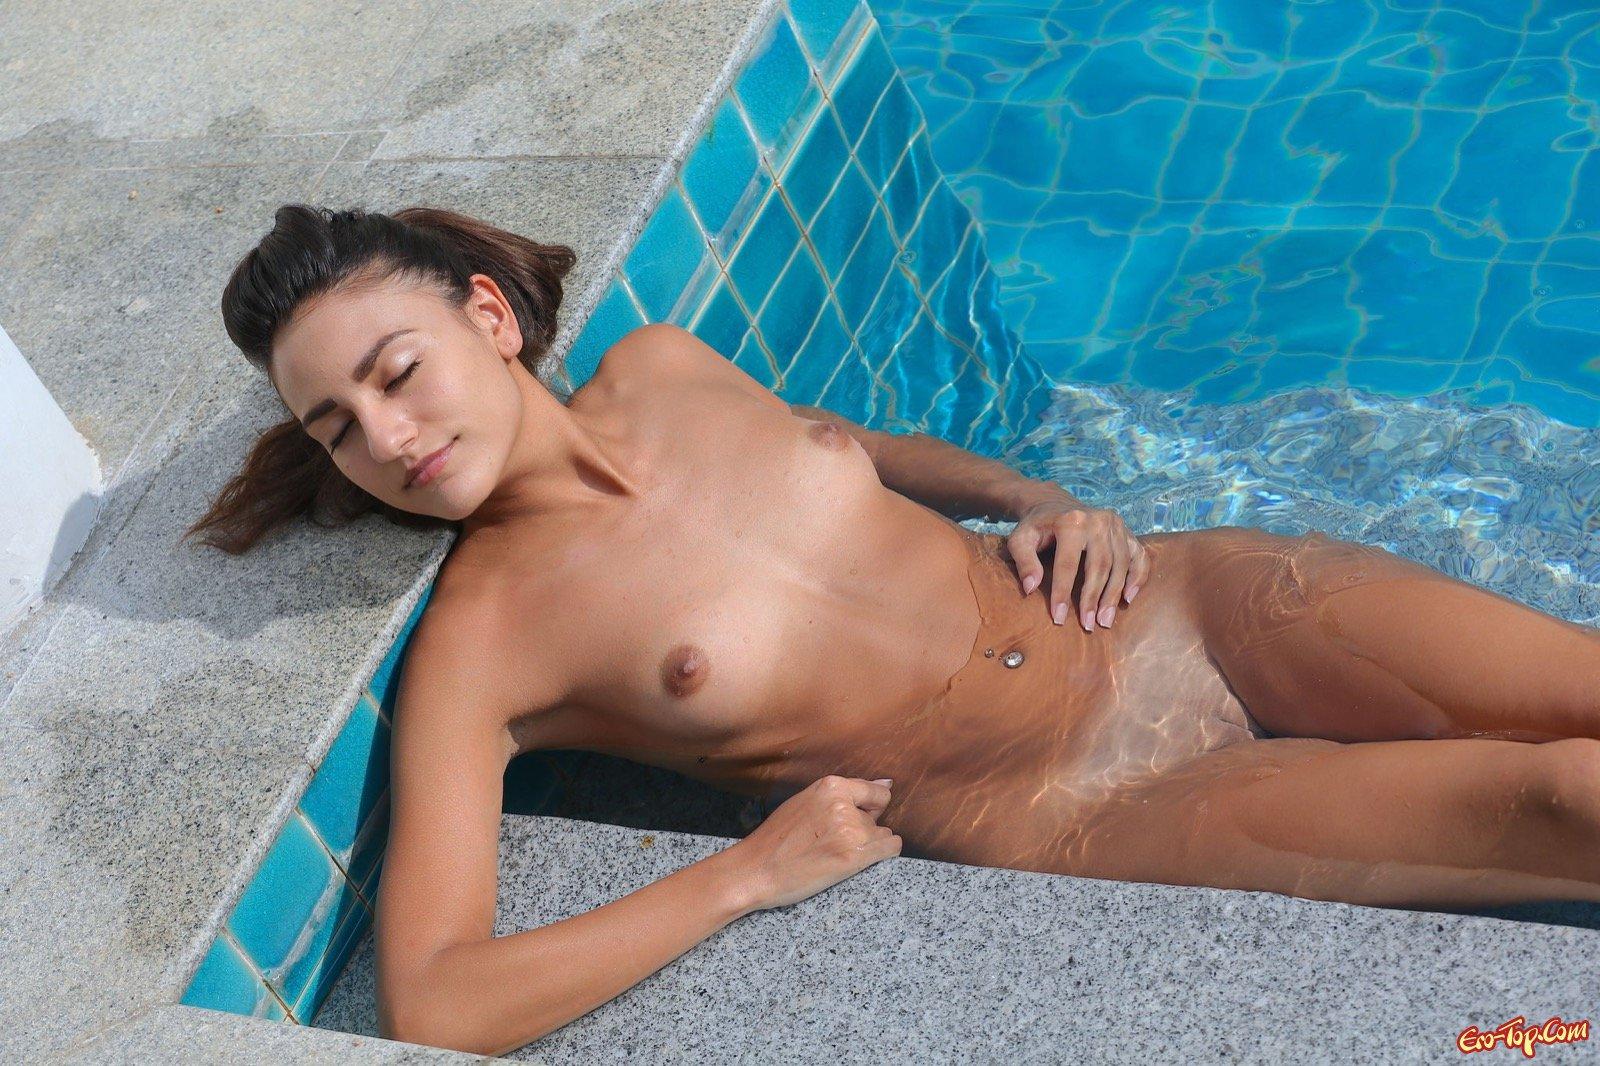 Худышка с миниатюрными буферами купается в бассейне смотреть эротику